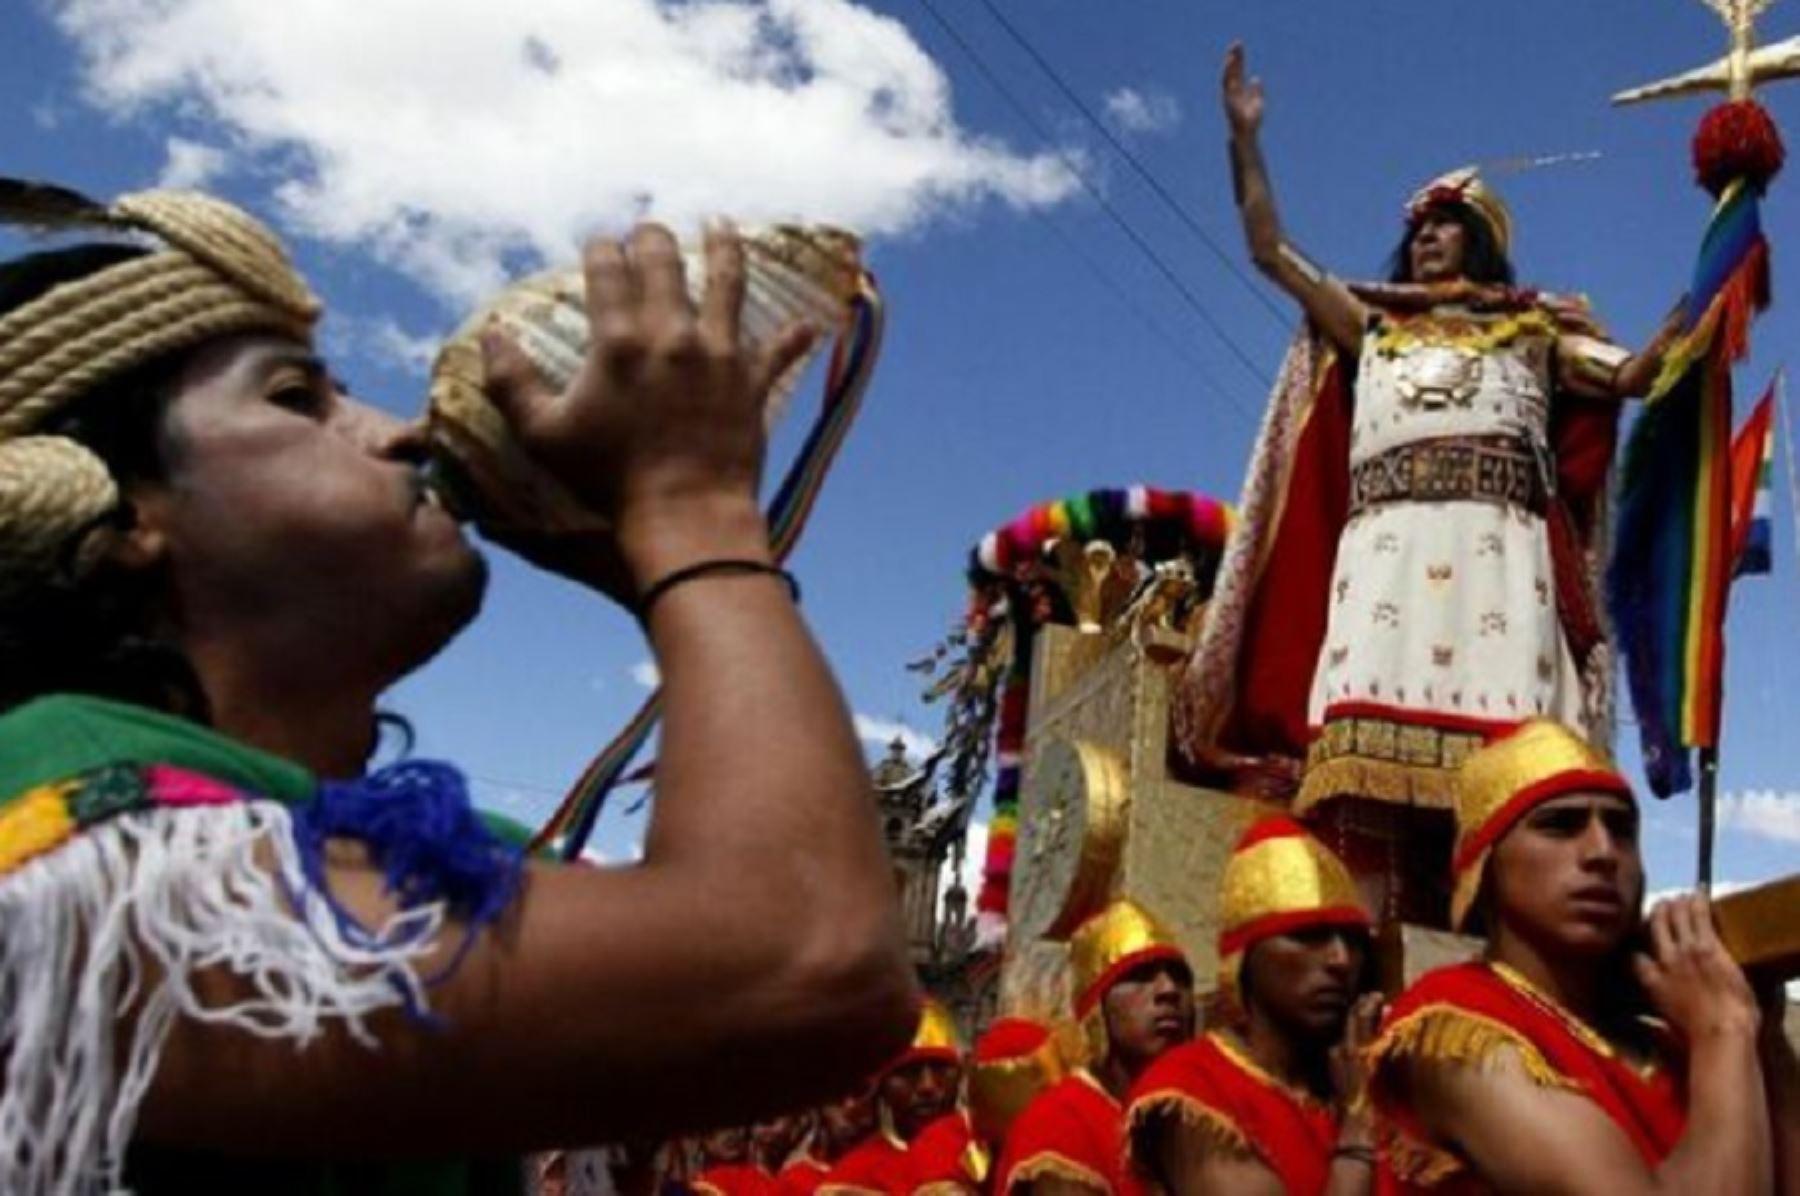 Después de un año de obligatoria suspensión debido a la pandemia del covid-19, la apoteósica celebración del Inti Raymi o Fiesta del Sol volverá a escenificarse como la más solemne festividad del mes jubilar del Cusco. Y revestirá un especial significado en el marco del Bicentenario de nuestra independencia. ANDINA/Difusión